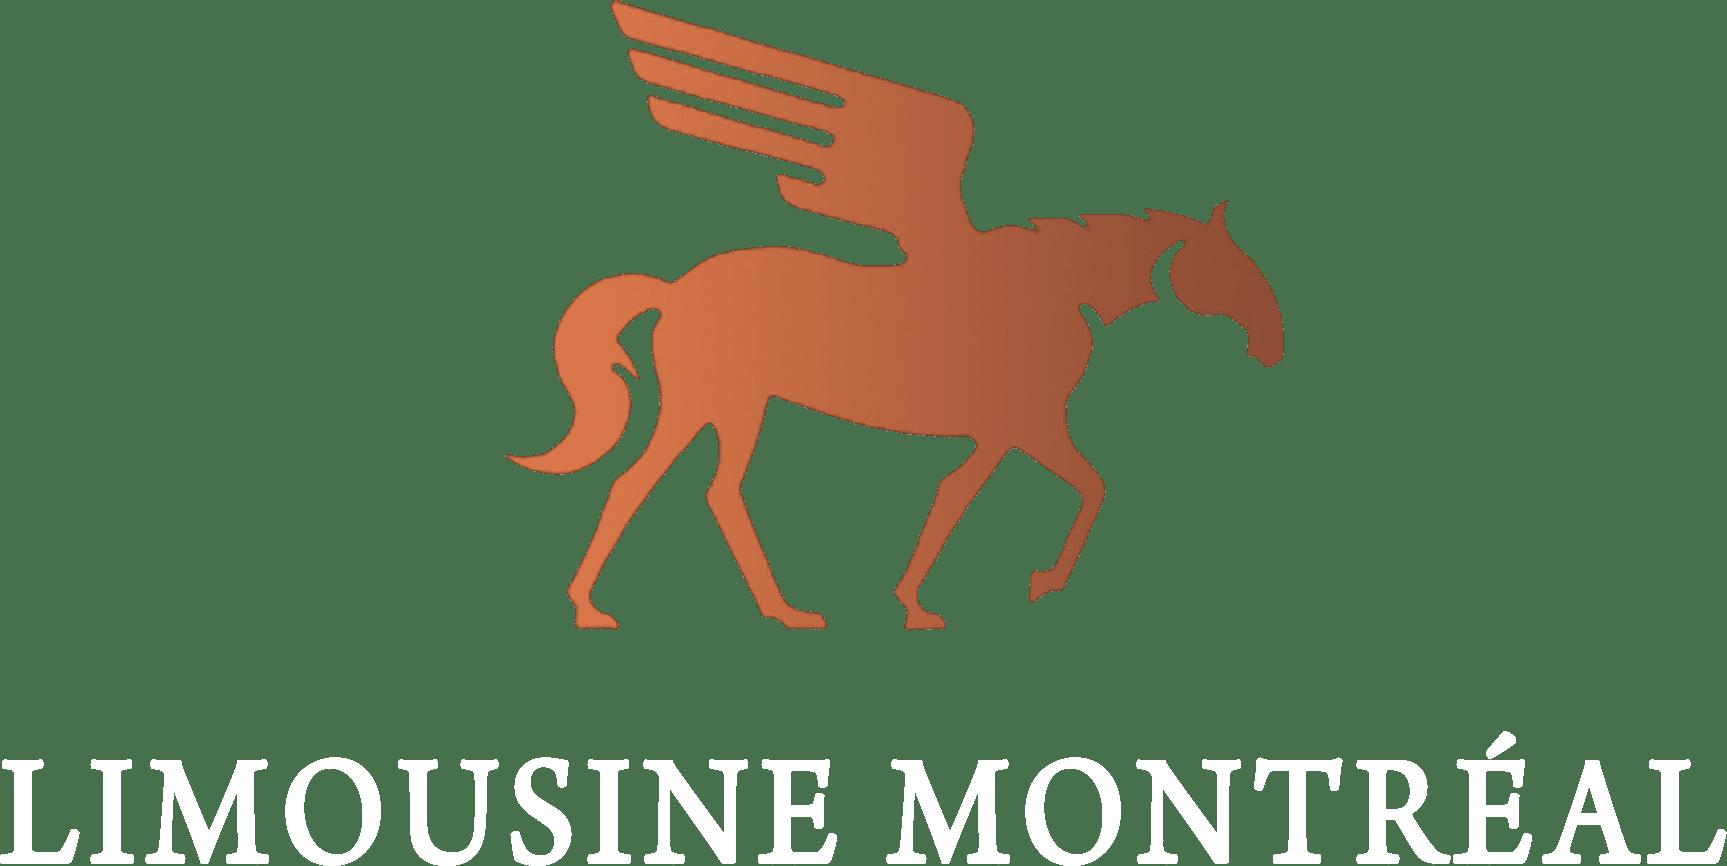 Limousine Montréal